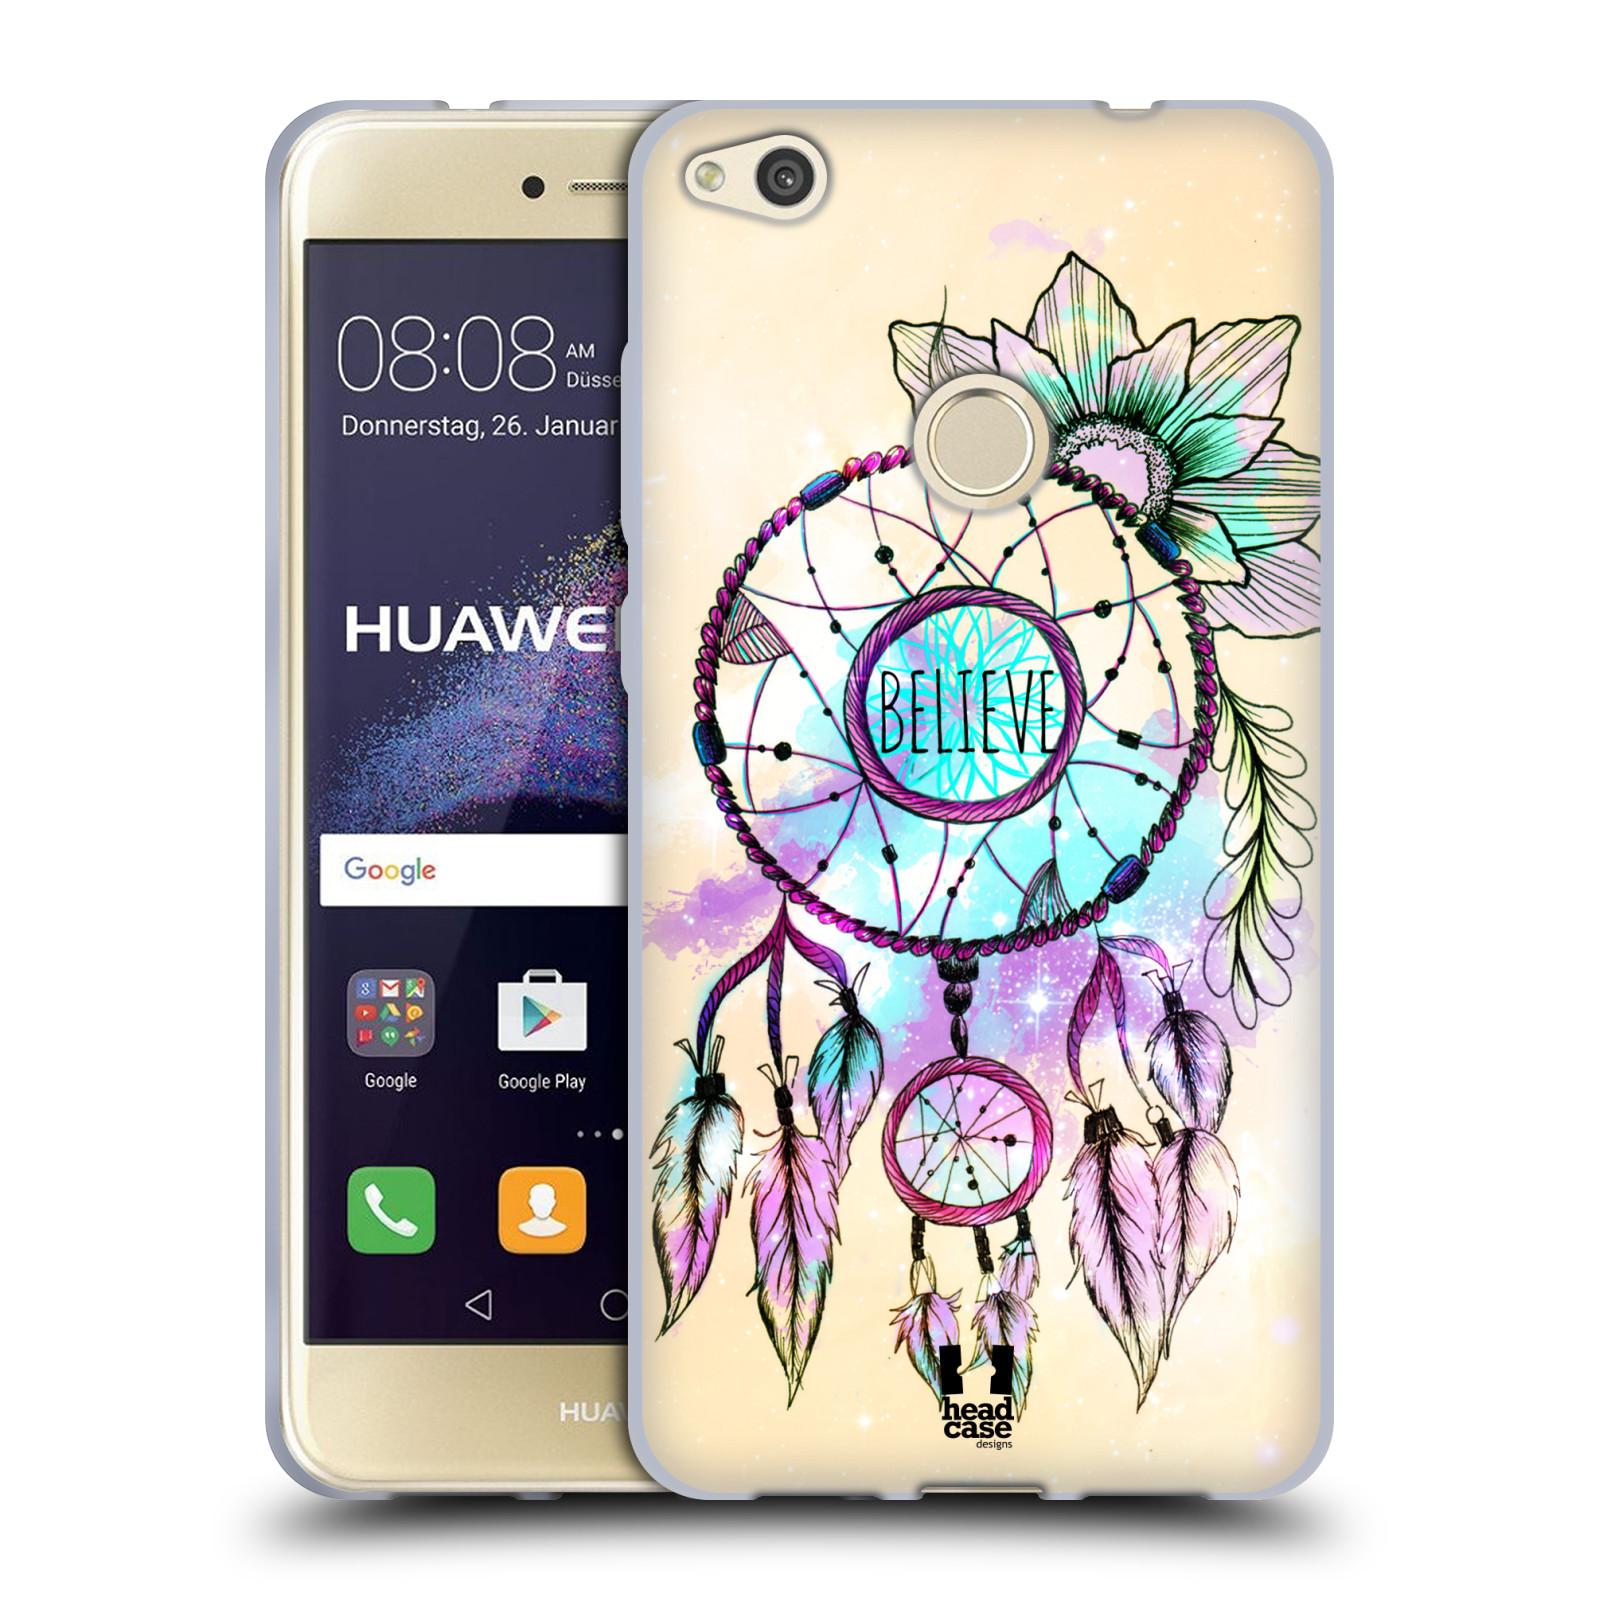 Silikonové pouzdro na mobil Huawei P9 Lite (2017) HEAD CASE MIX BELIEVE